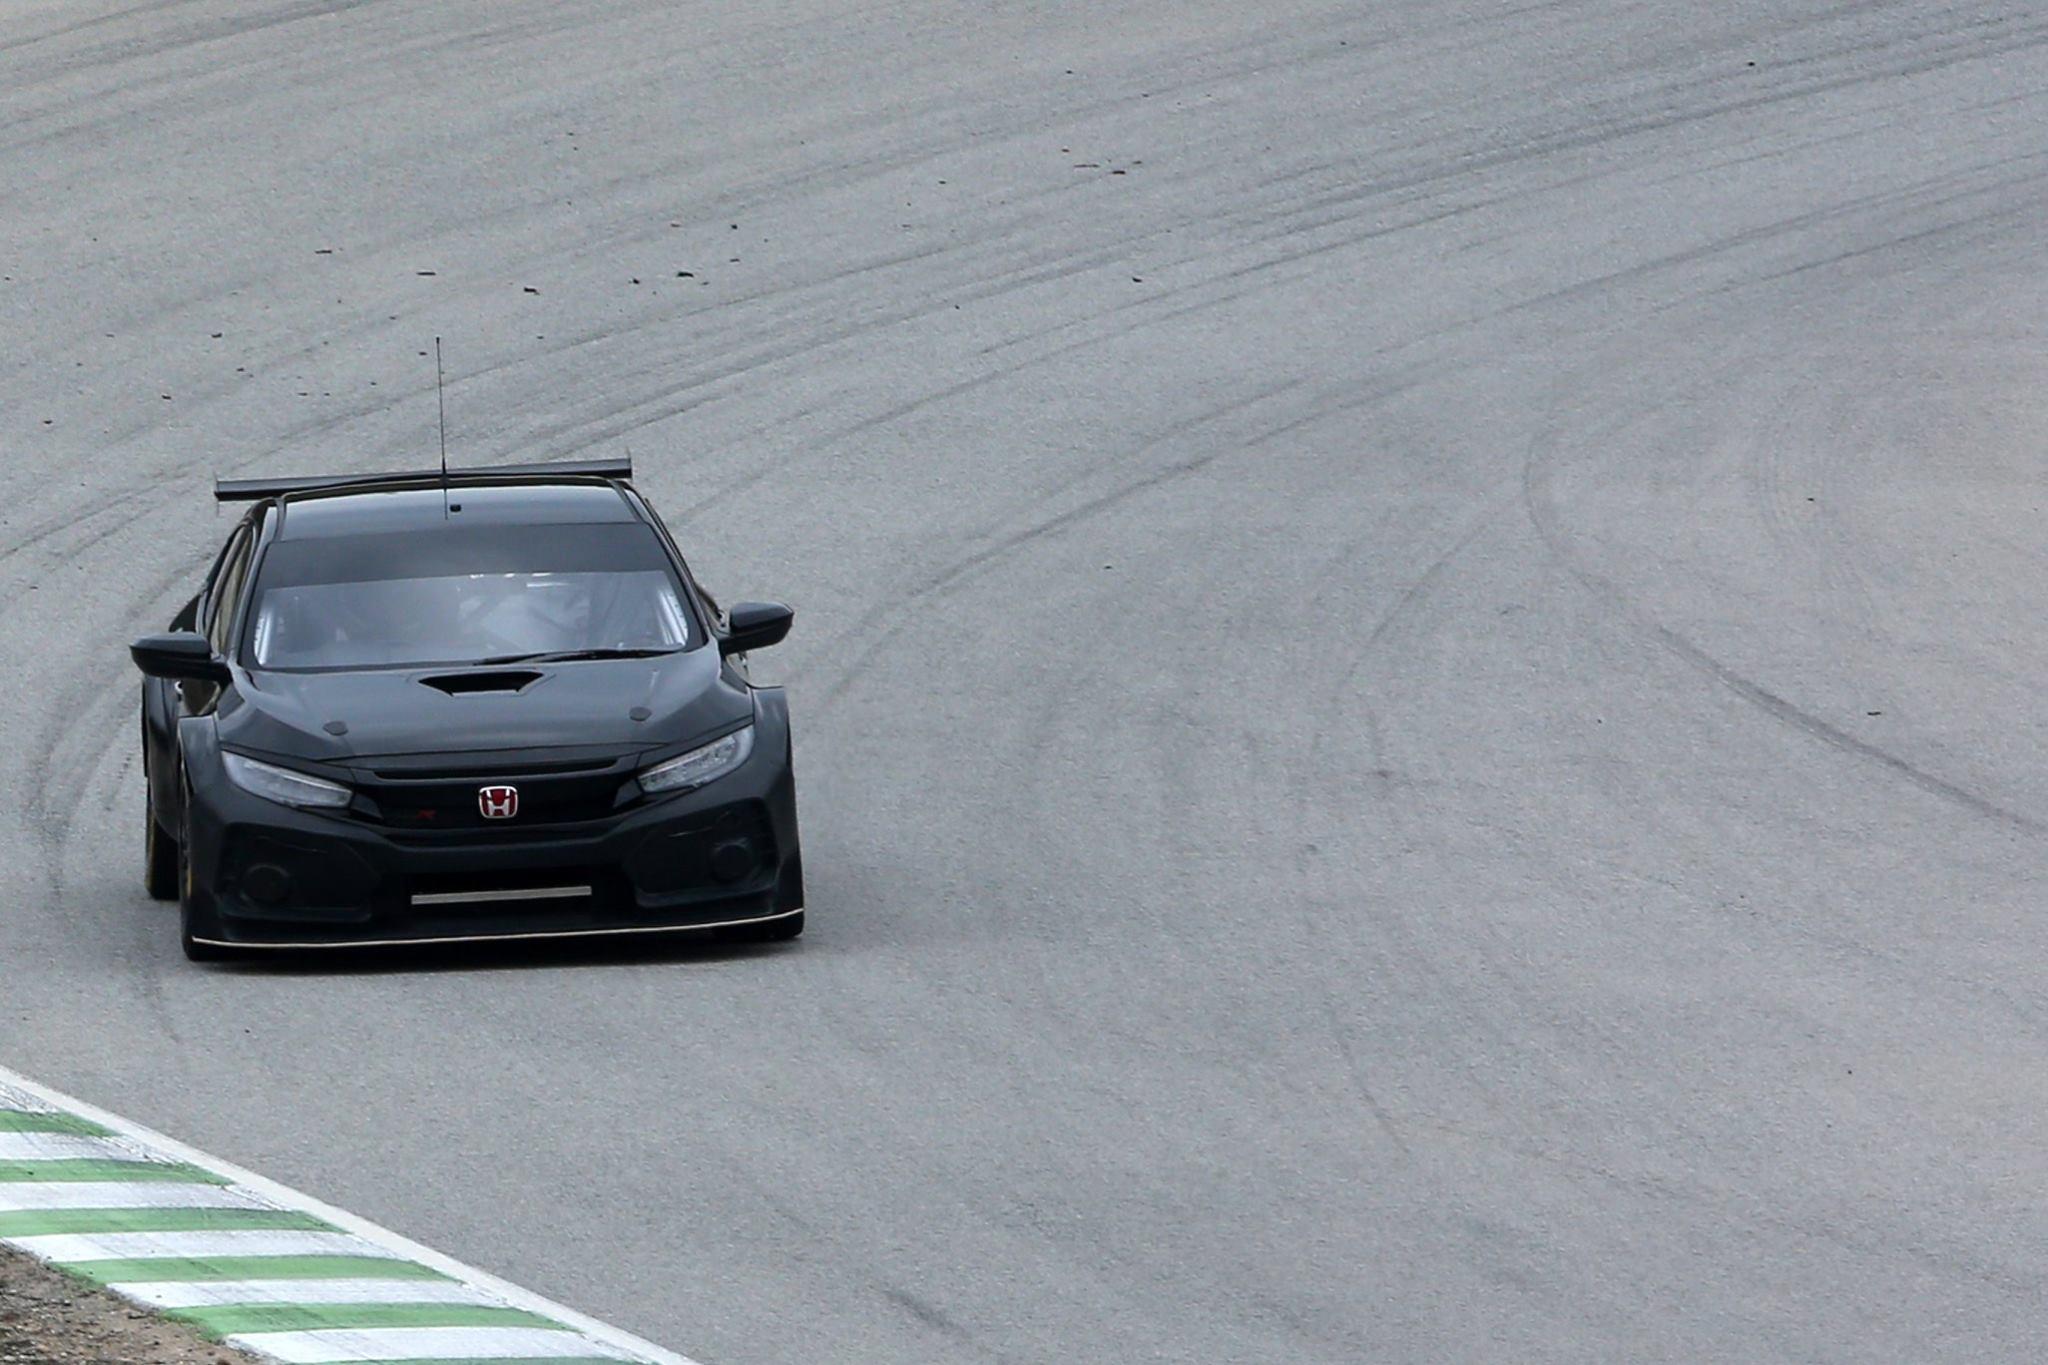 Honda-tech.com BTCC Honda Civic Type R